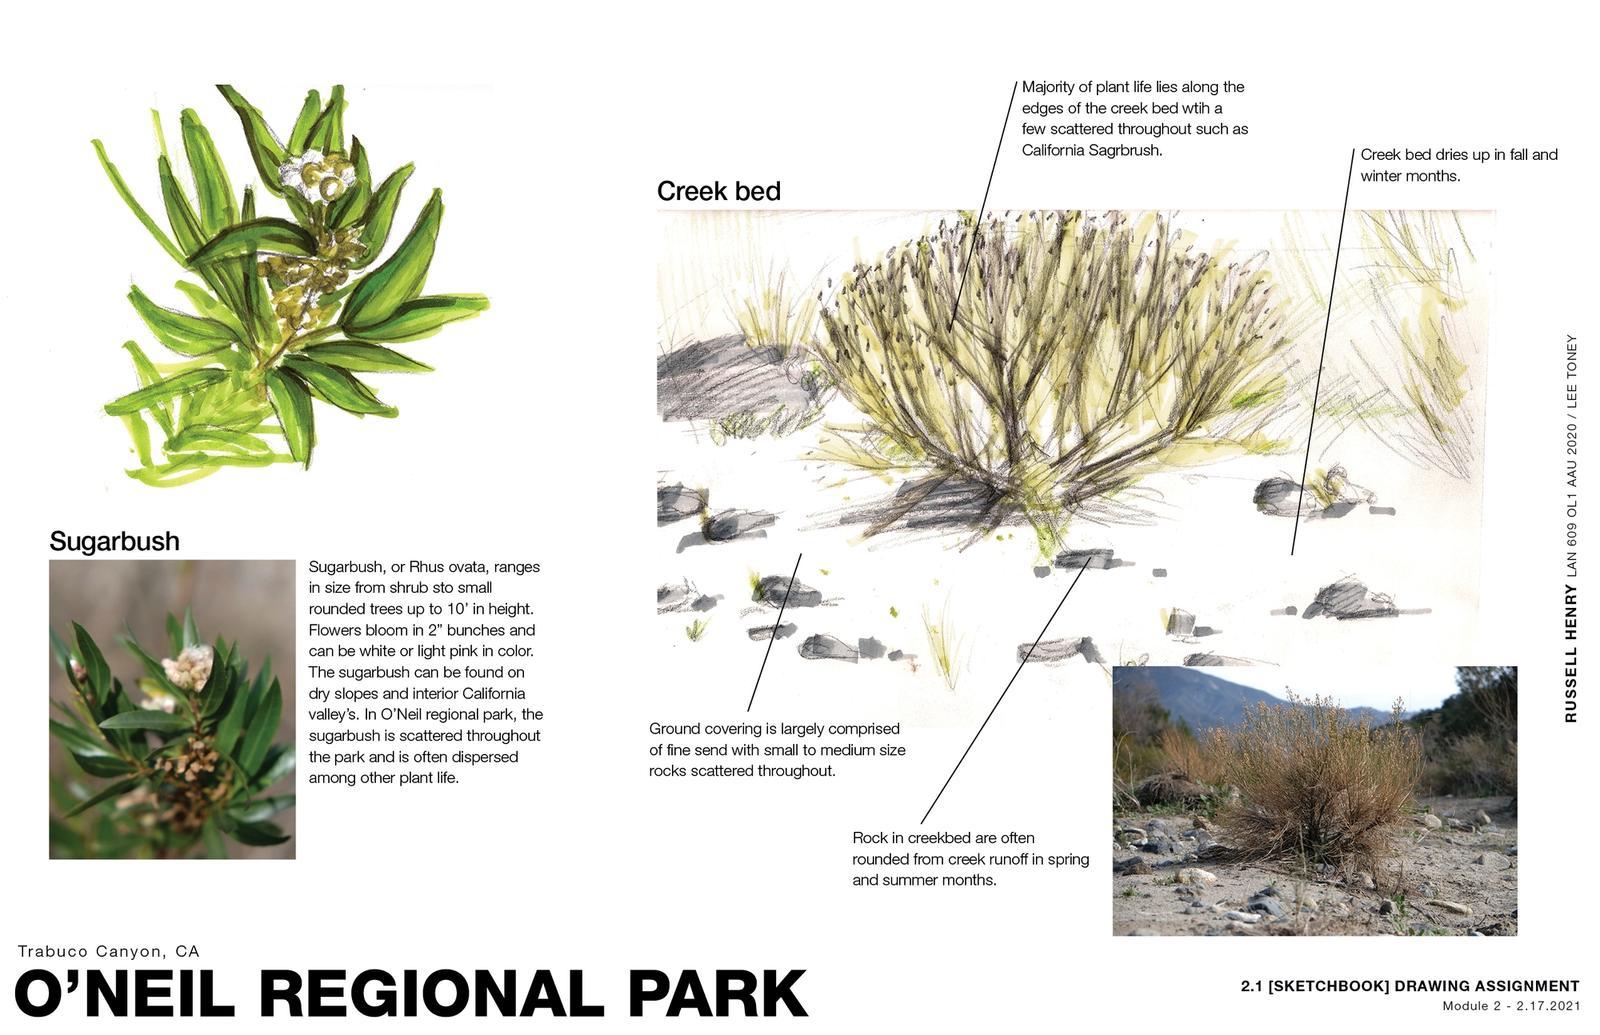 Sense of Place - O'Neil Regional Park